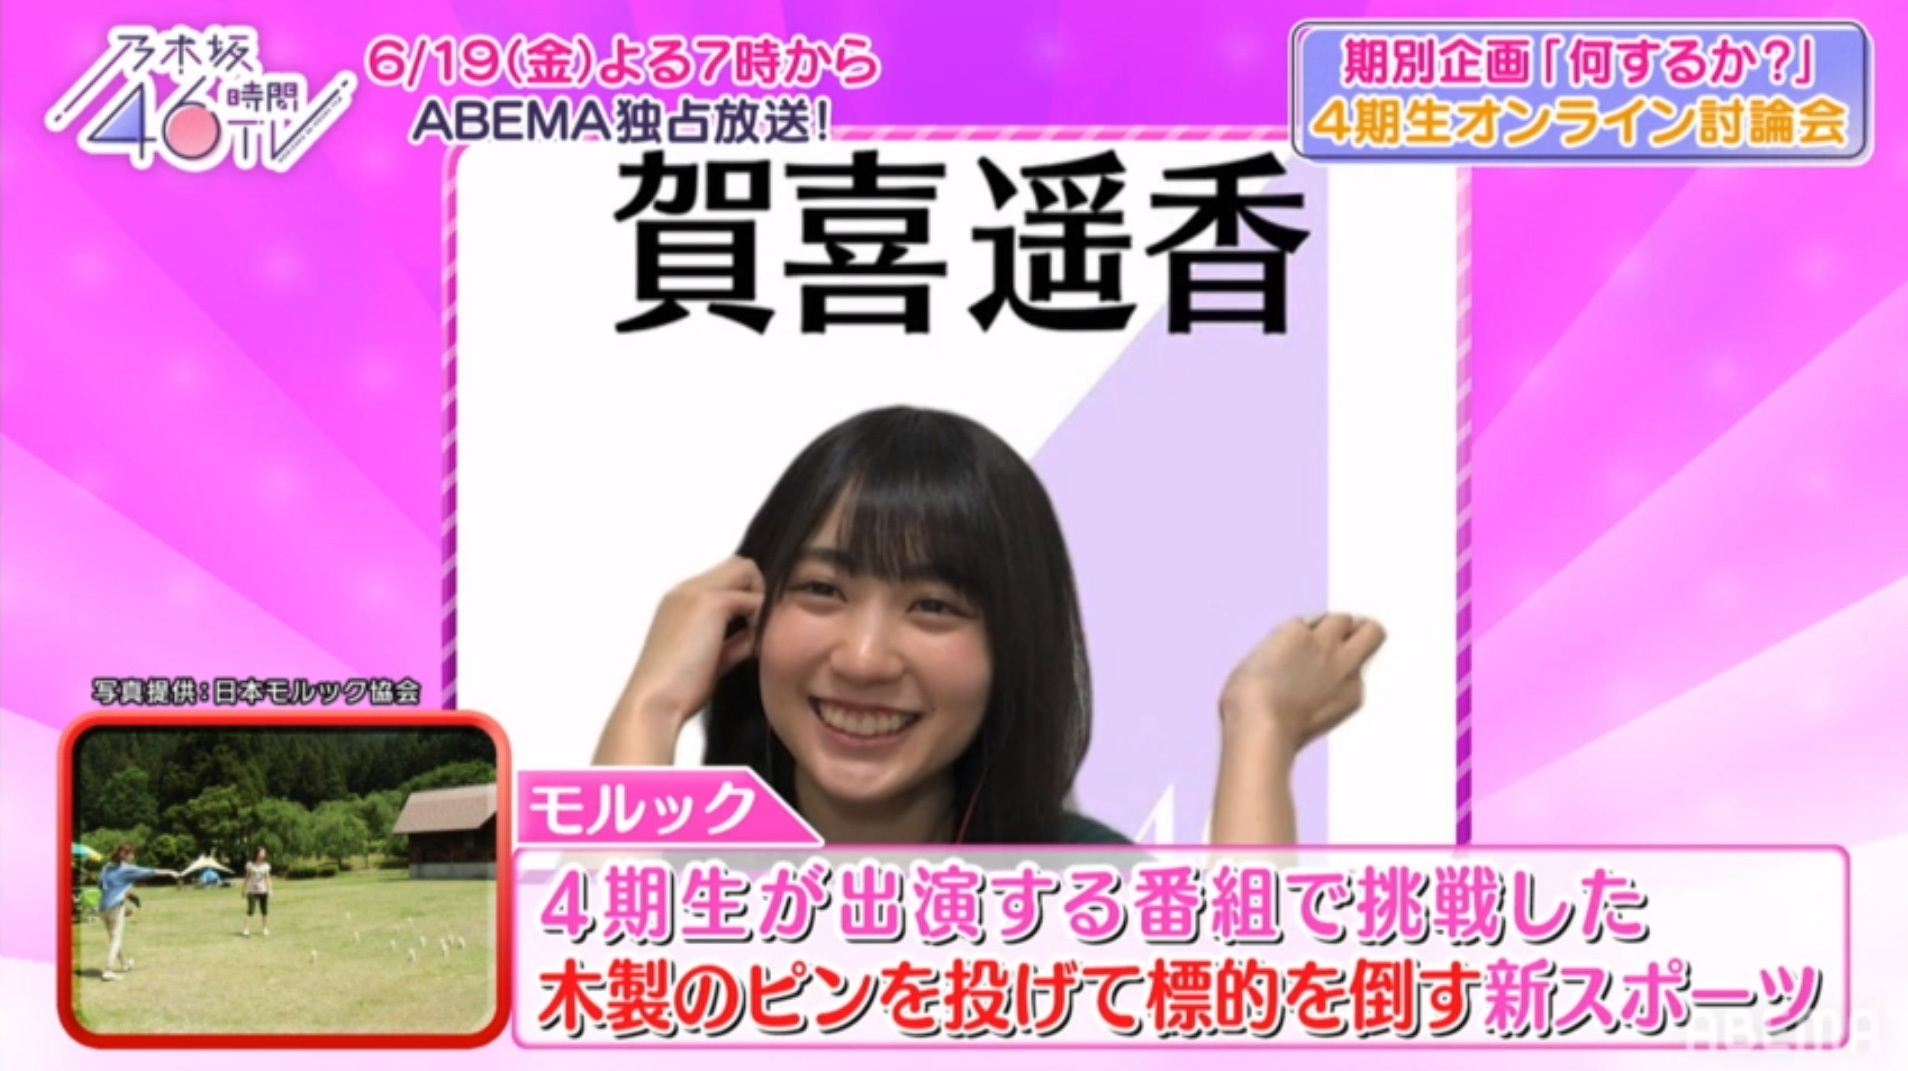 乃木坂46分TV 4期生オンライン討論会でモルック案